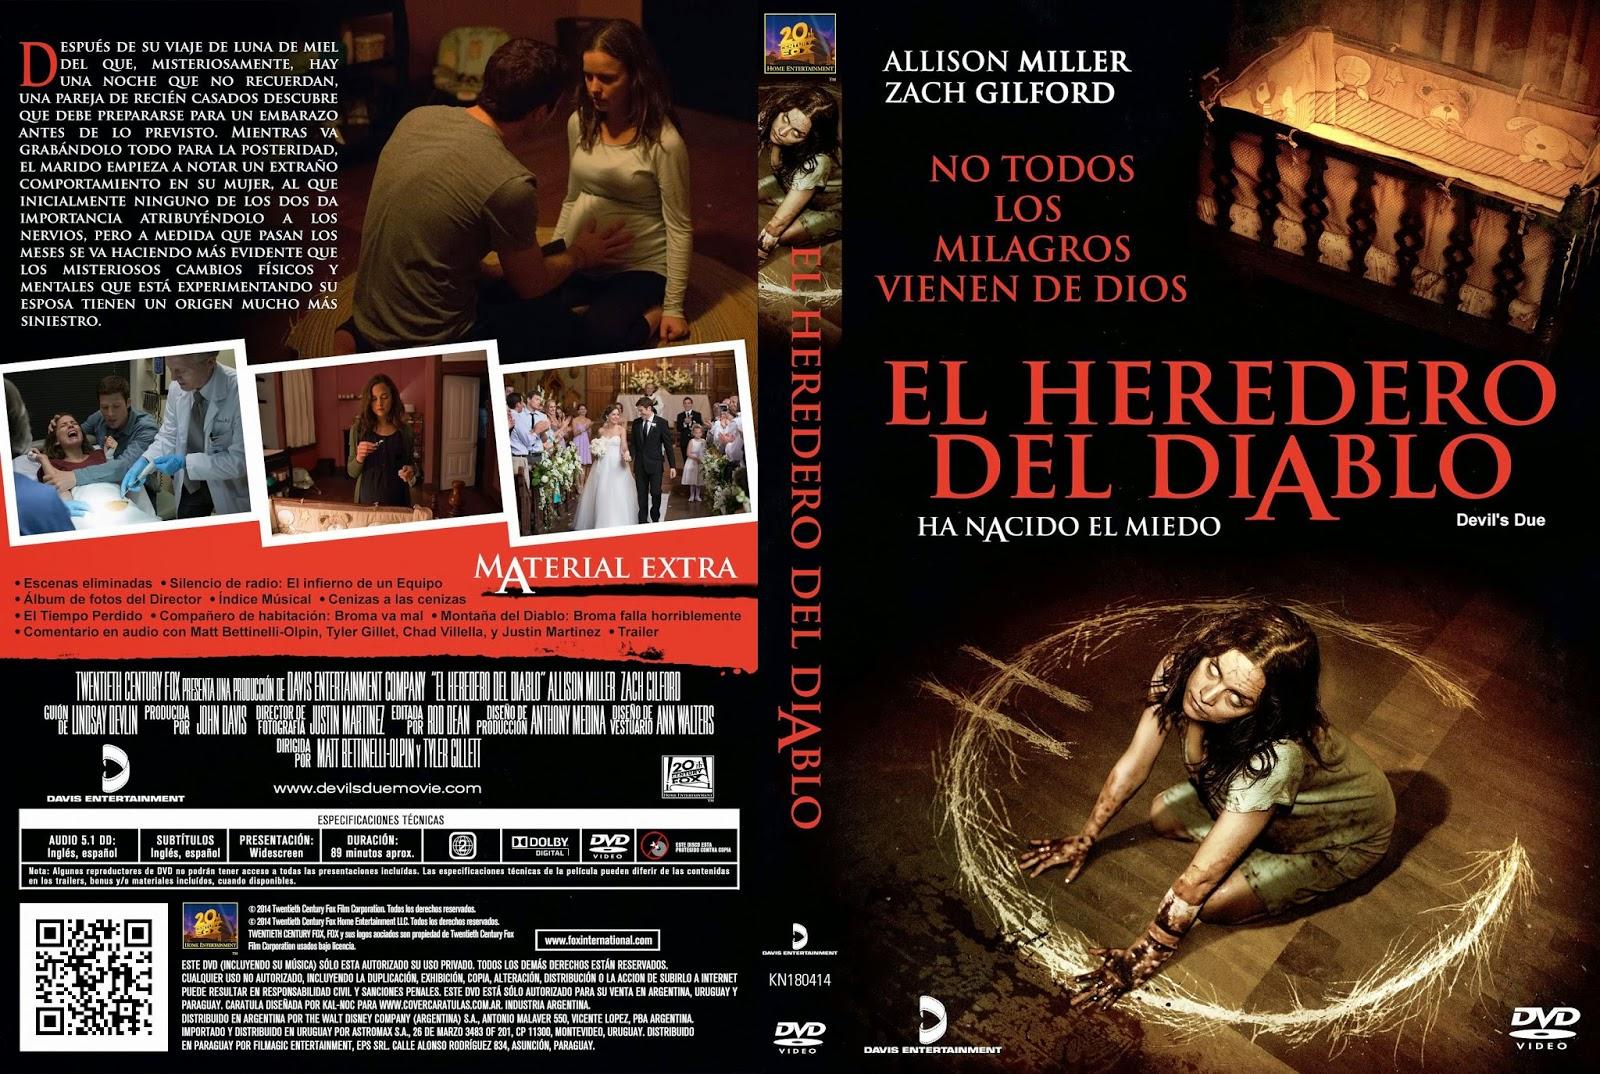 El heredero del diablo [HDRip] [Castellano] [Terror] [2014] El+Heredero+Del+Diablo